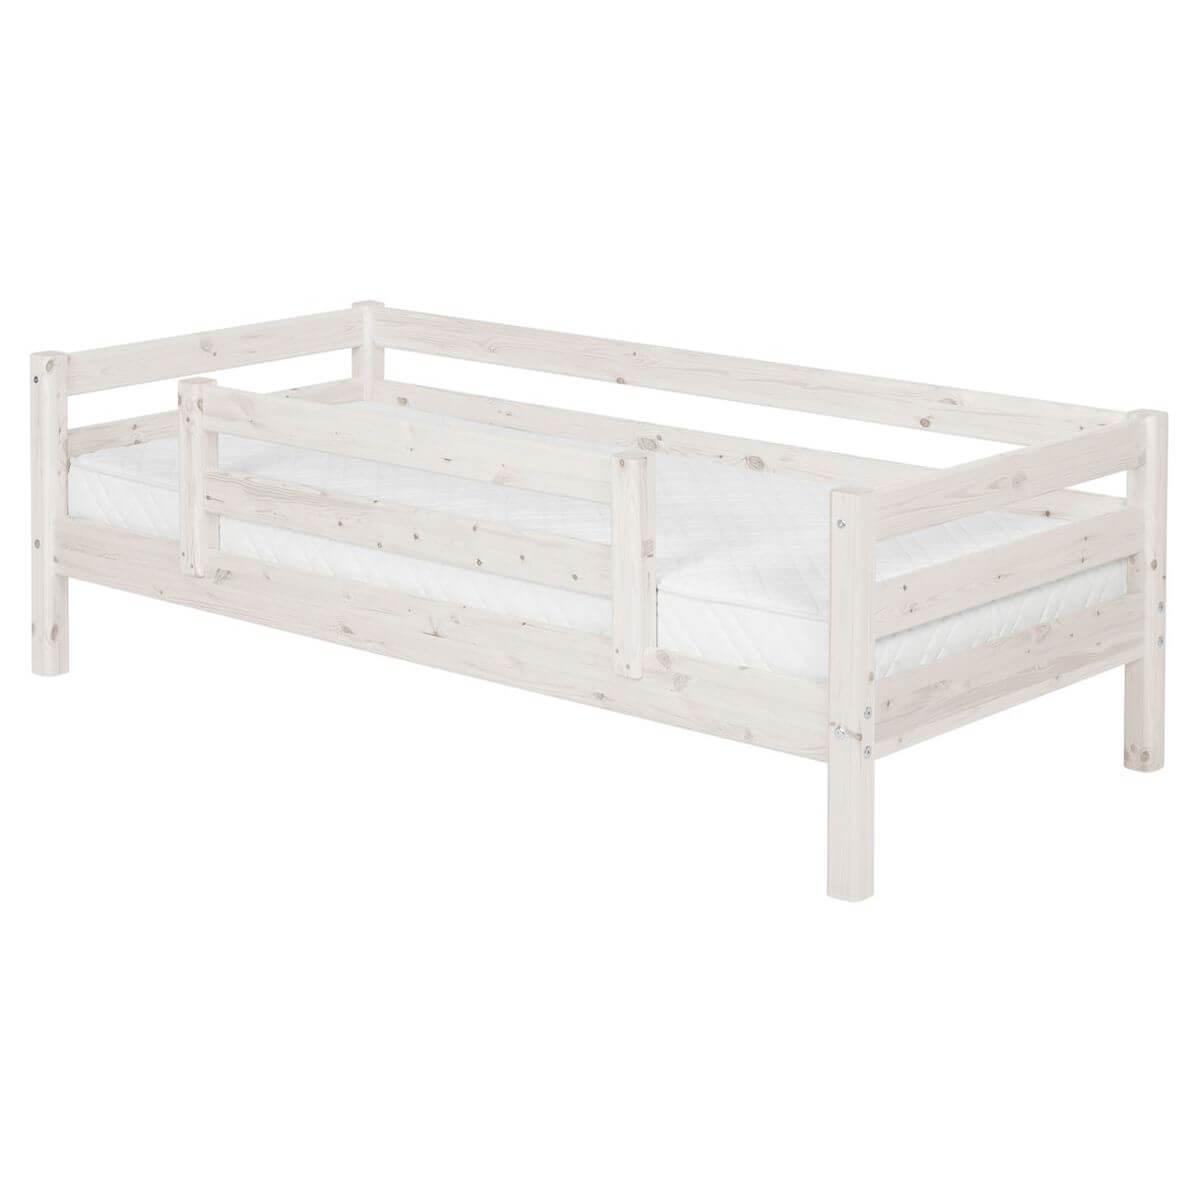 Lit Classic Line blanchi 90x190 cm + barrière de sécurité centrée by Flexa